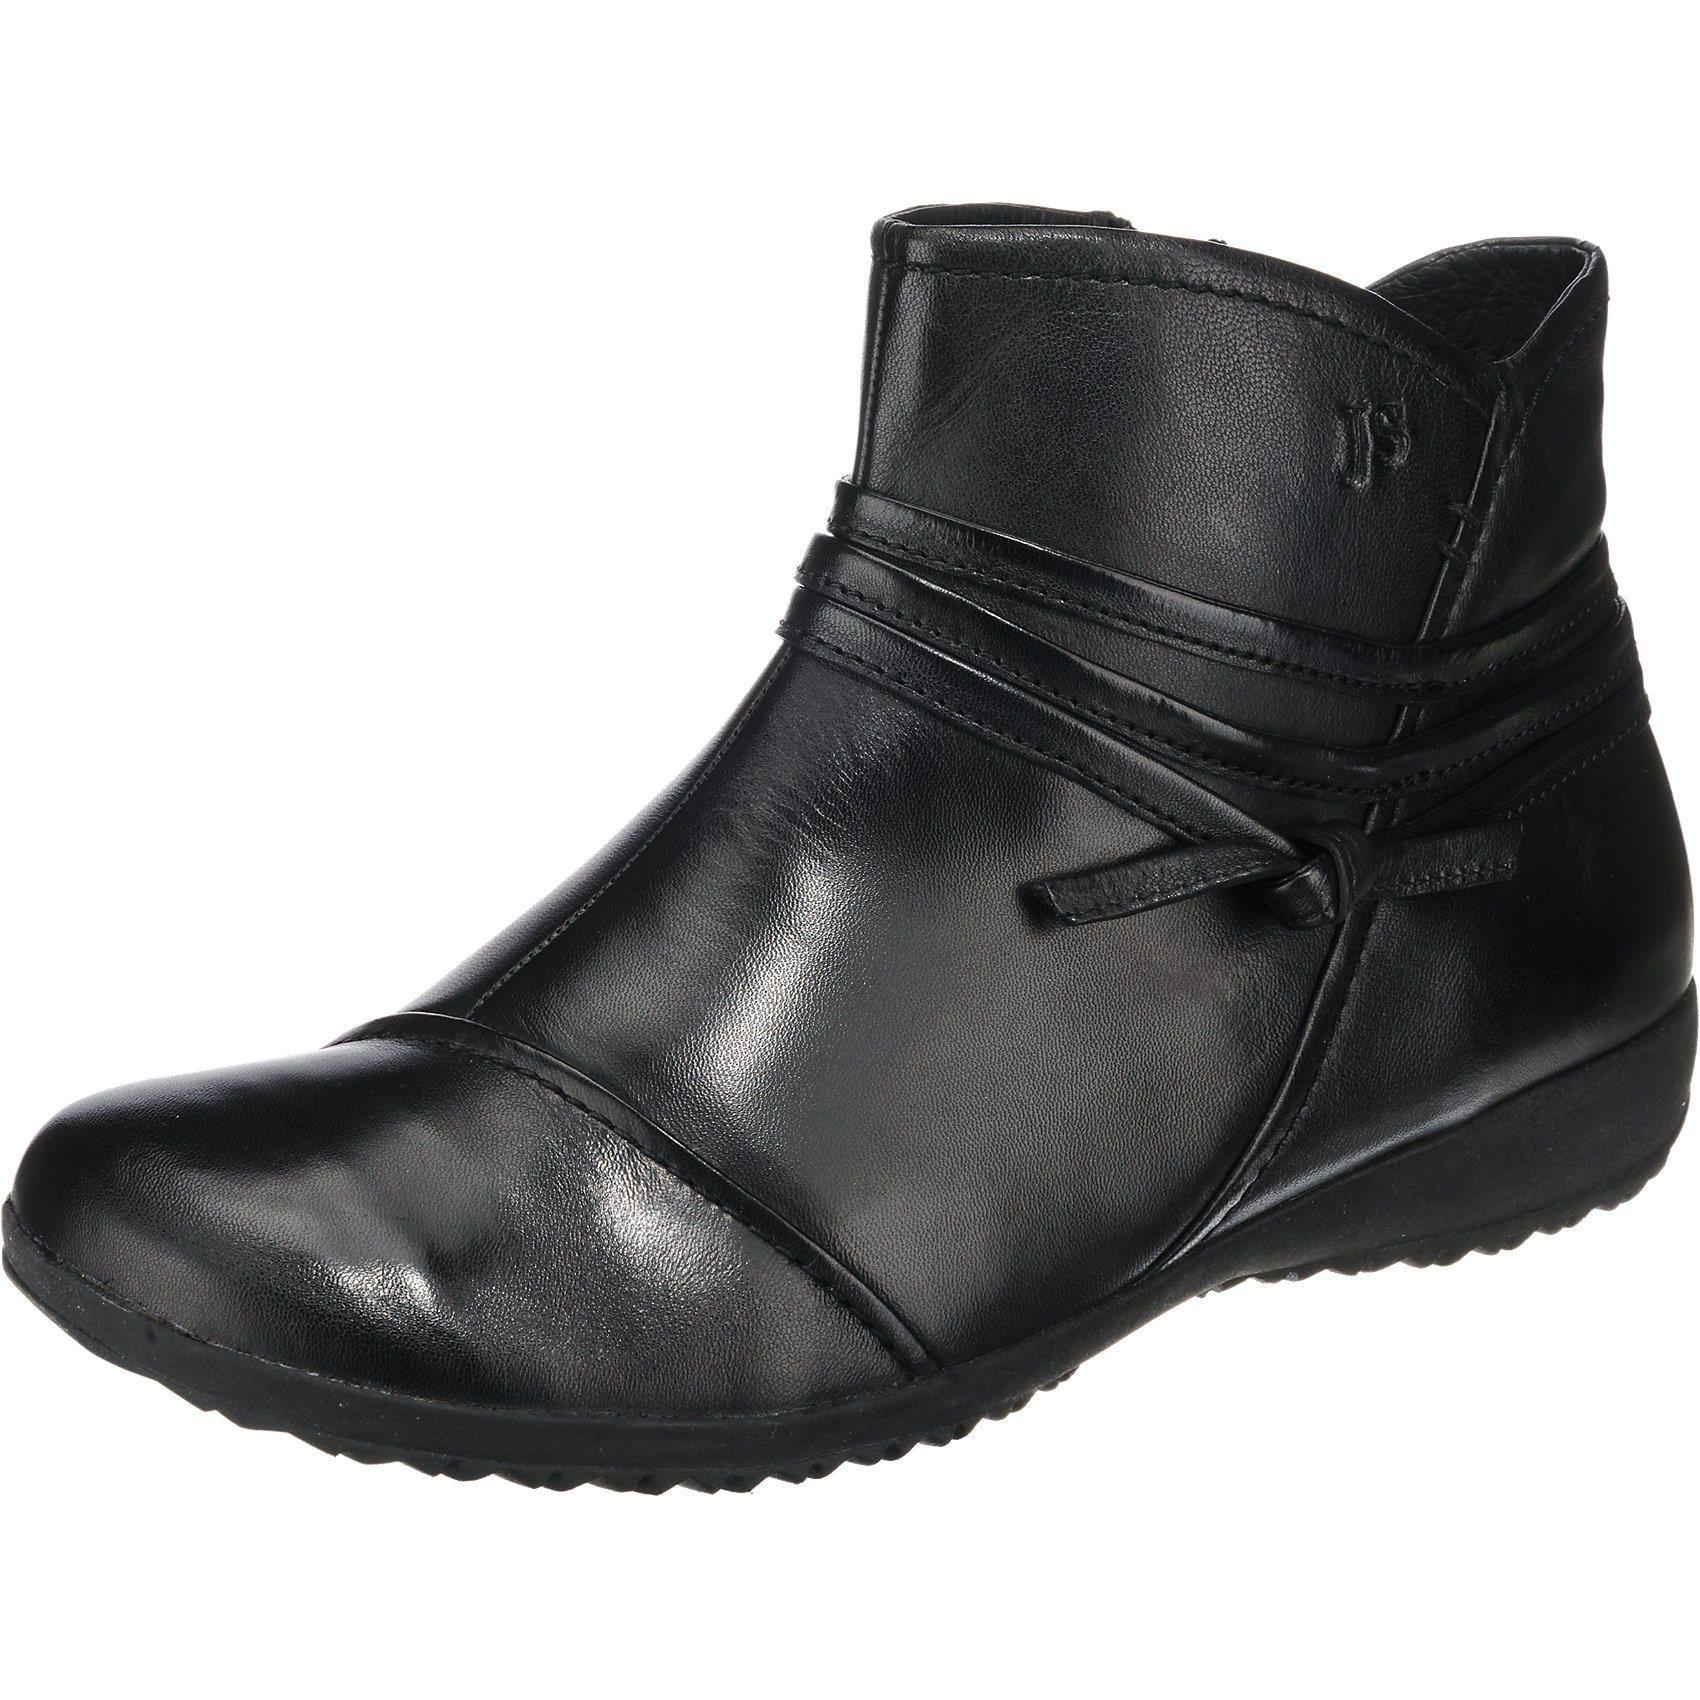 schwarze Leder Stiefeletten von Josef Seibel